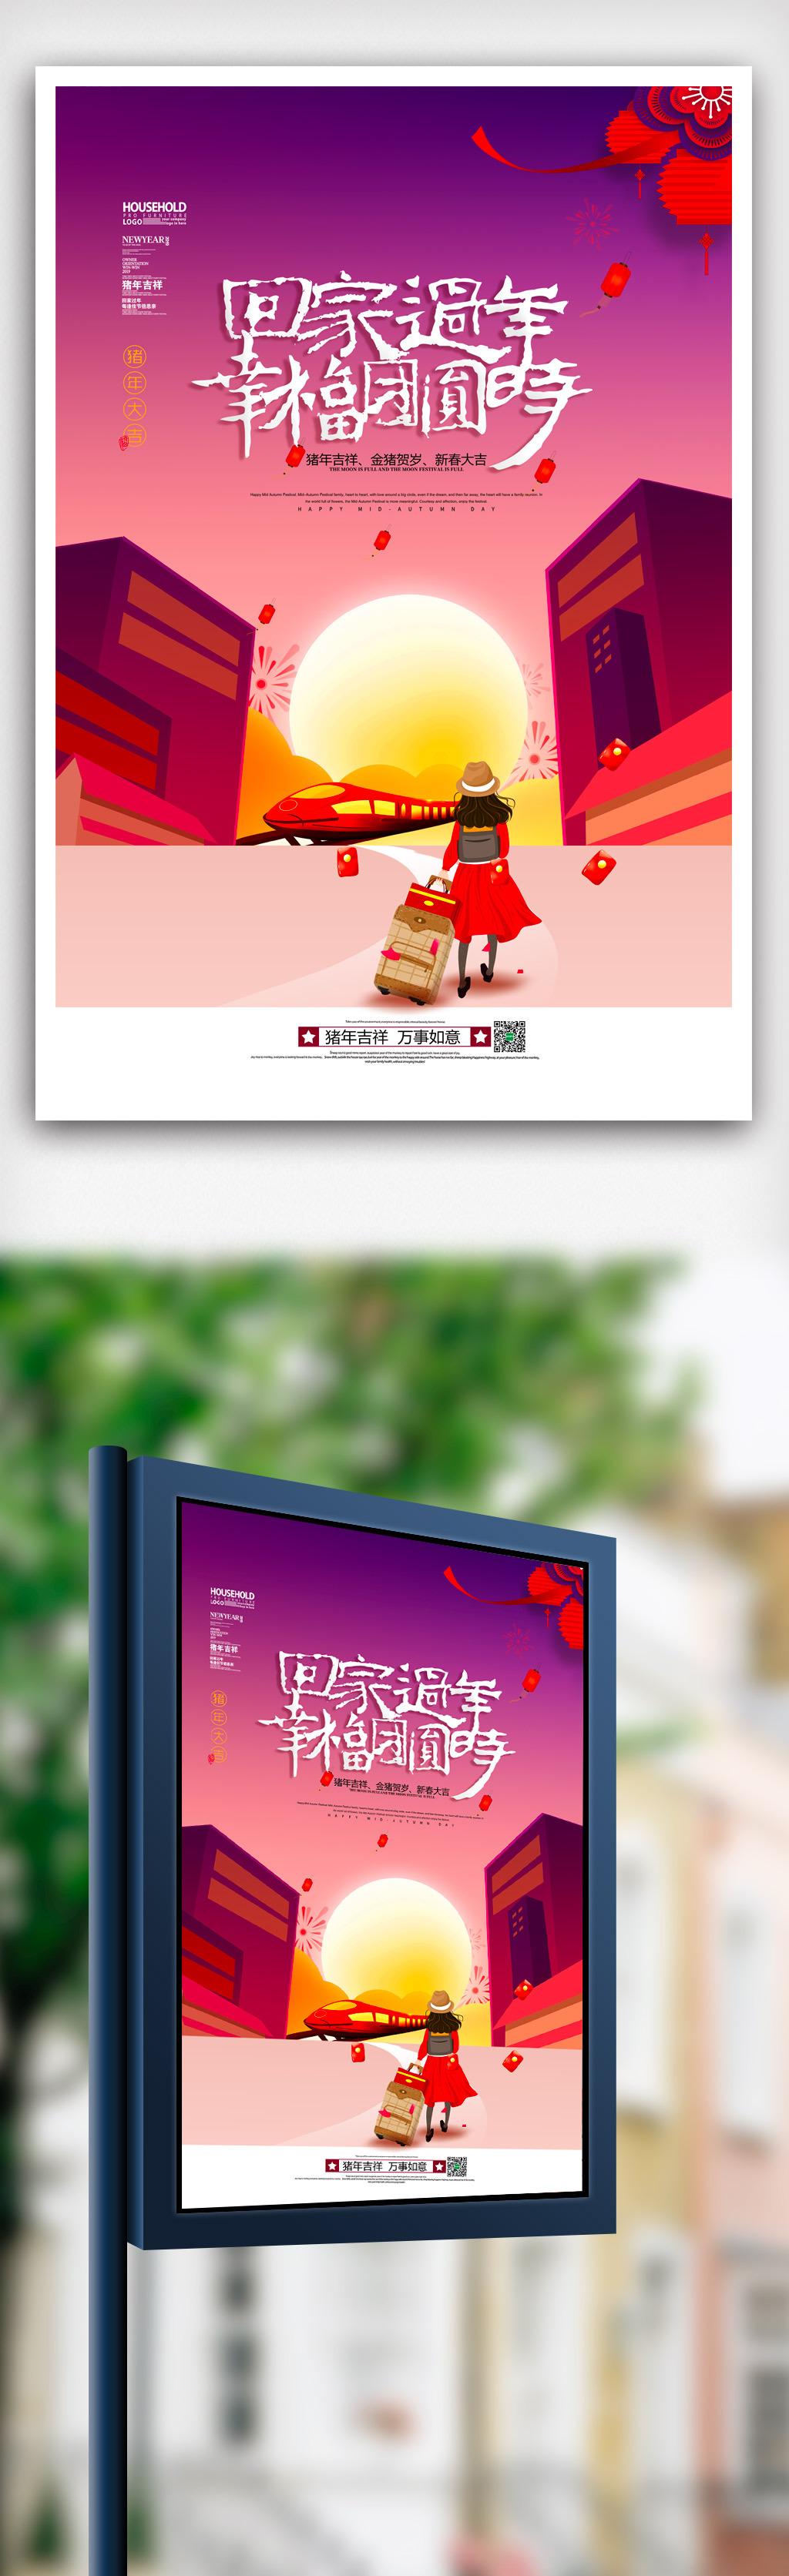 分享到: 新浪微博qq空间微信                  原创设计回家过年春运